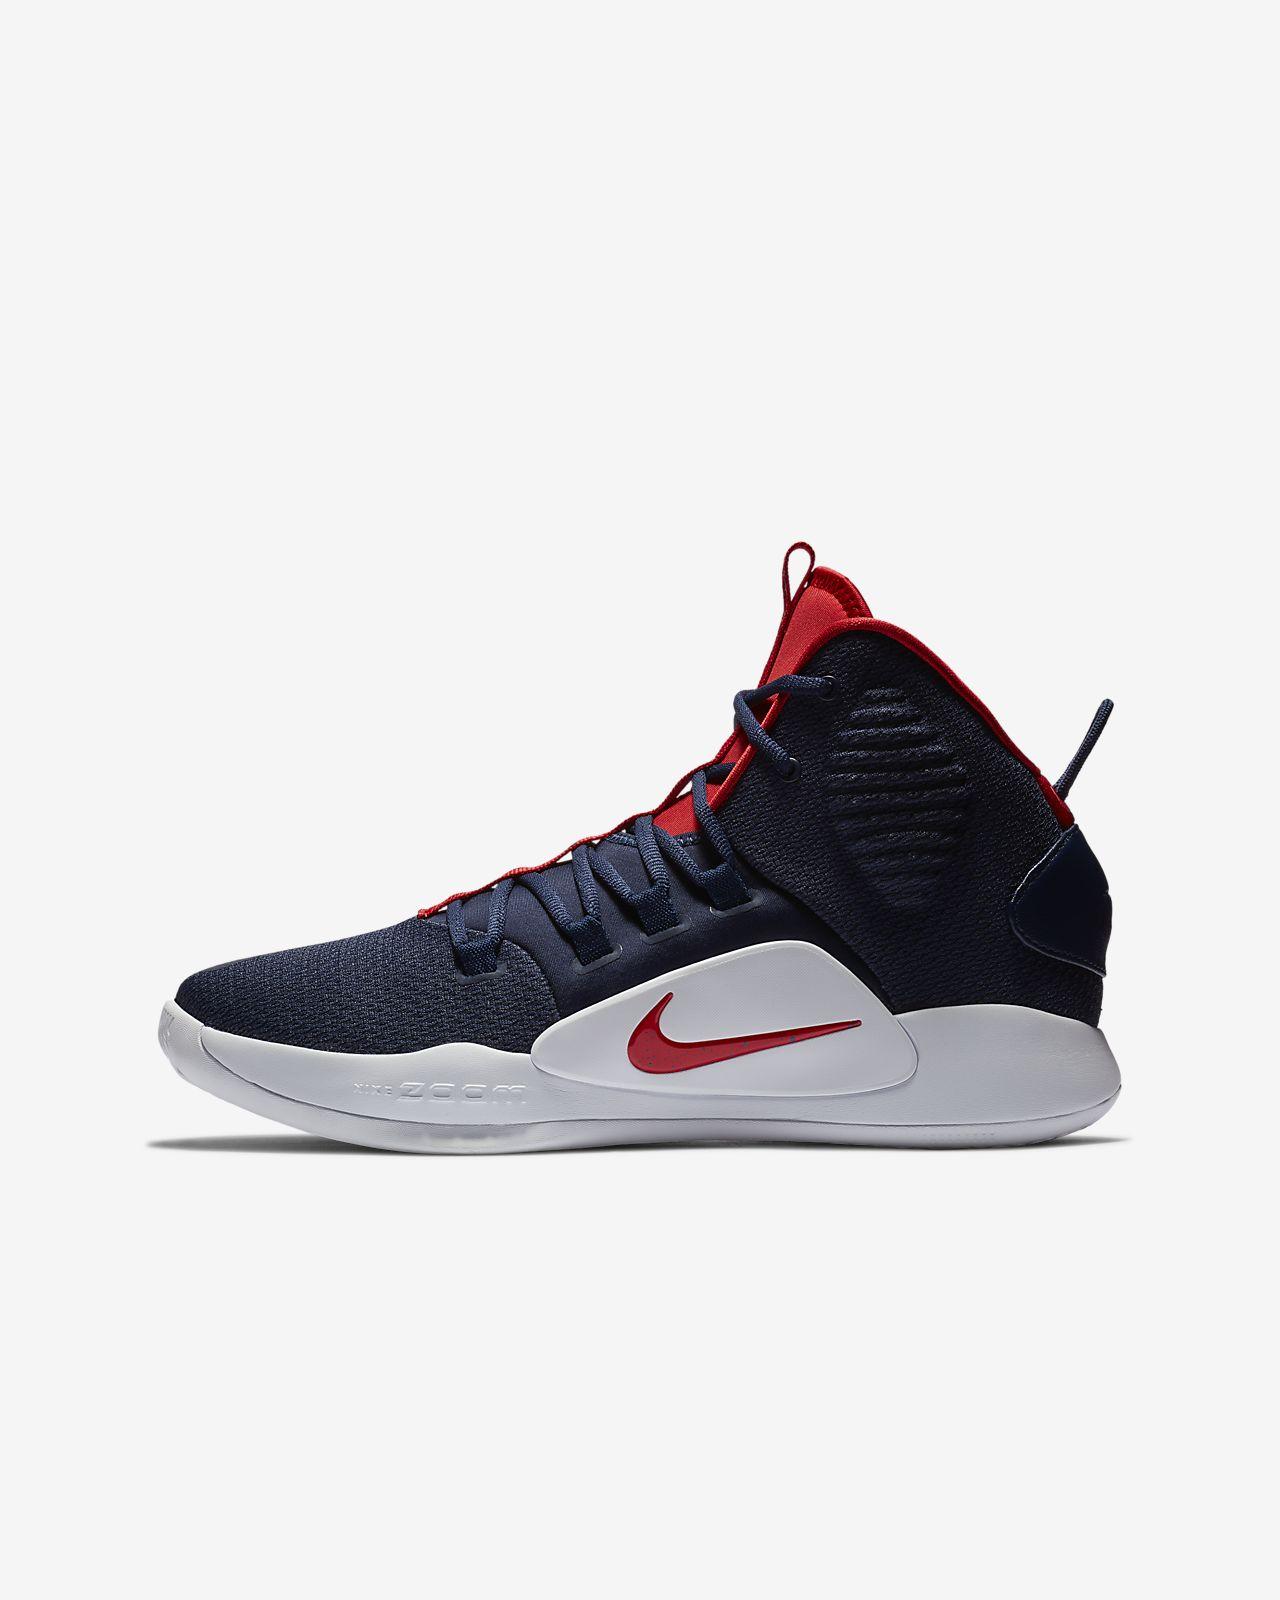 8455dbe73d56 Nike Hyperdunk X Basketball Shoe. Nike.com LU